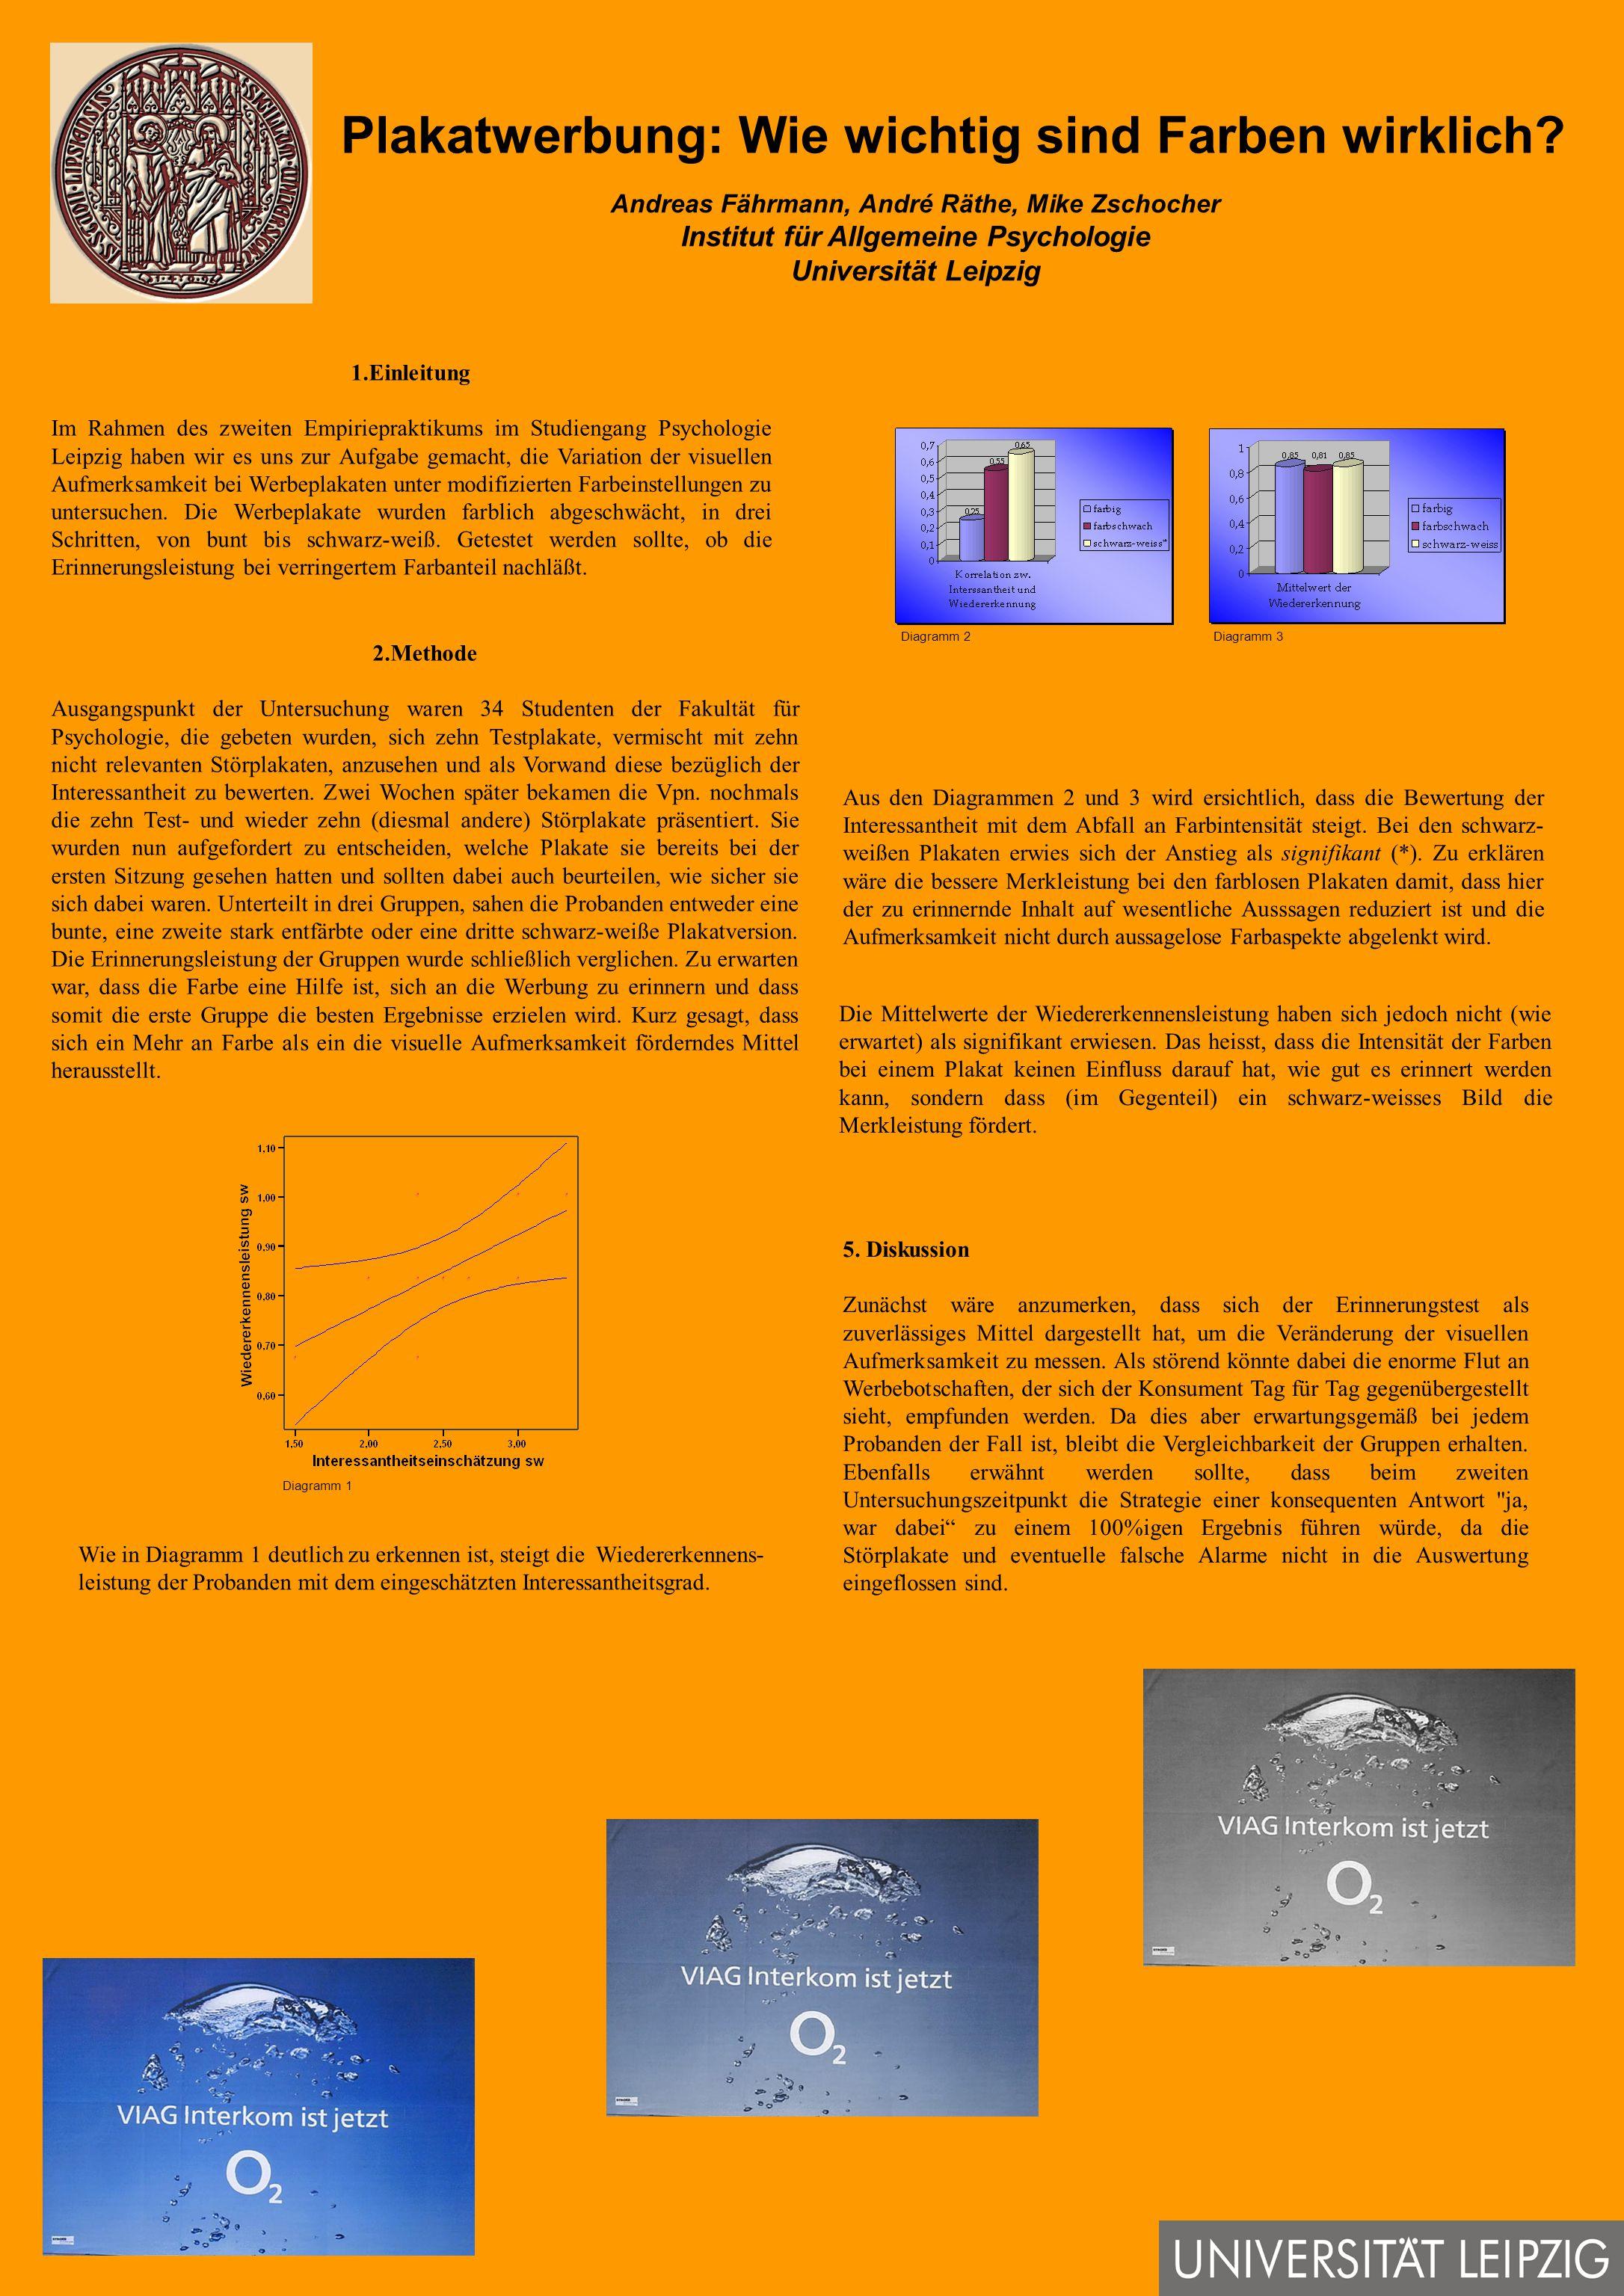 Plakatwerbung: Wie wichtig sind Farben wirklich? Andreas Fährmann, André Räthe, Mike Zschocher Institut für Allgemeine Psychologie Universität Leipzig